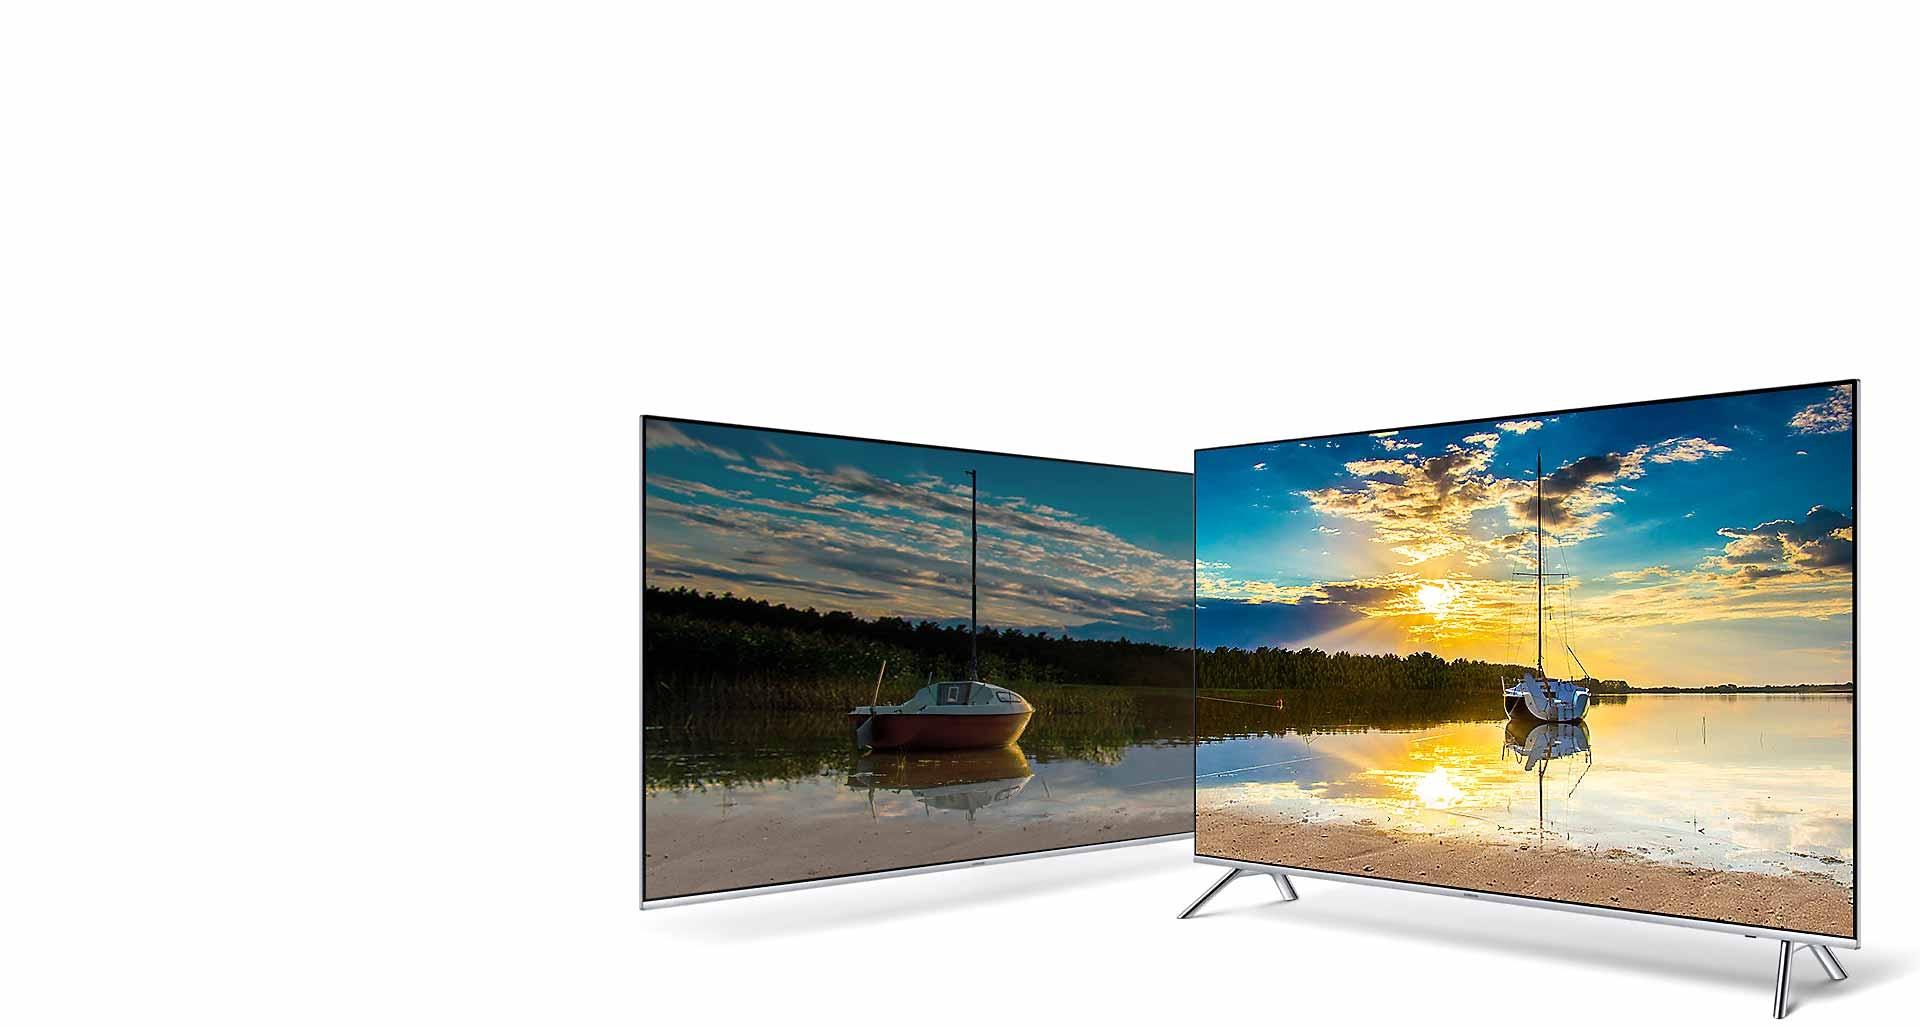 تلویزیون 65 اینچی سامسونگ مدل NU8900 با شفافیت استثنایی